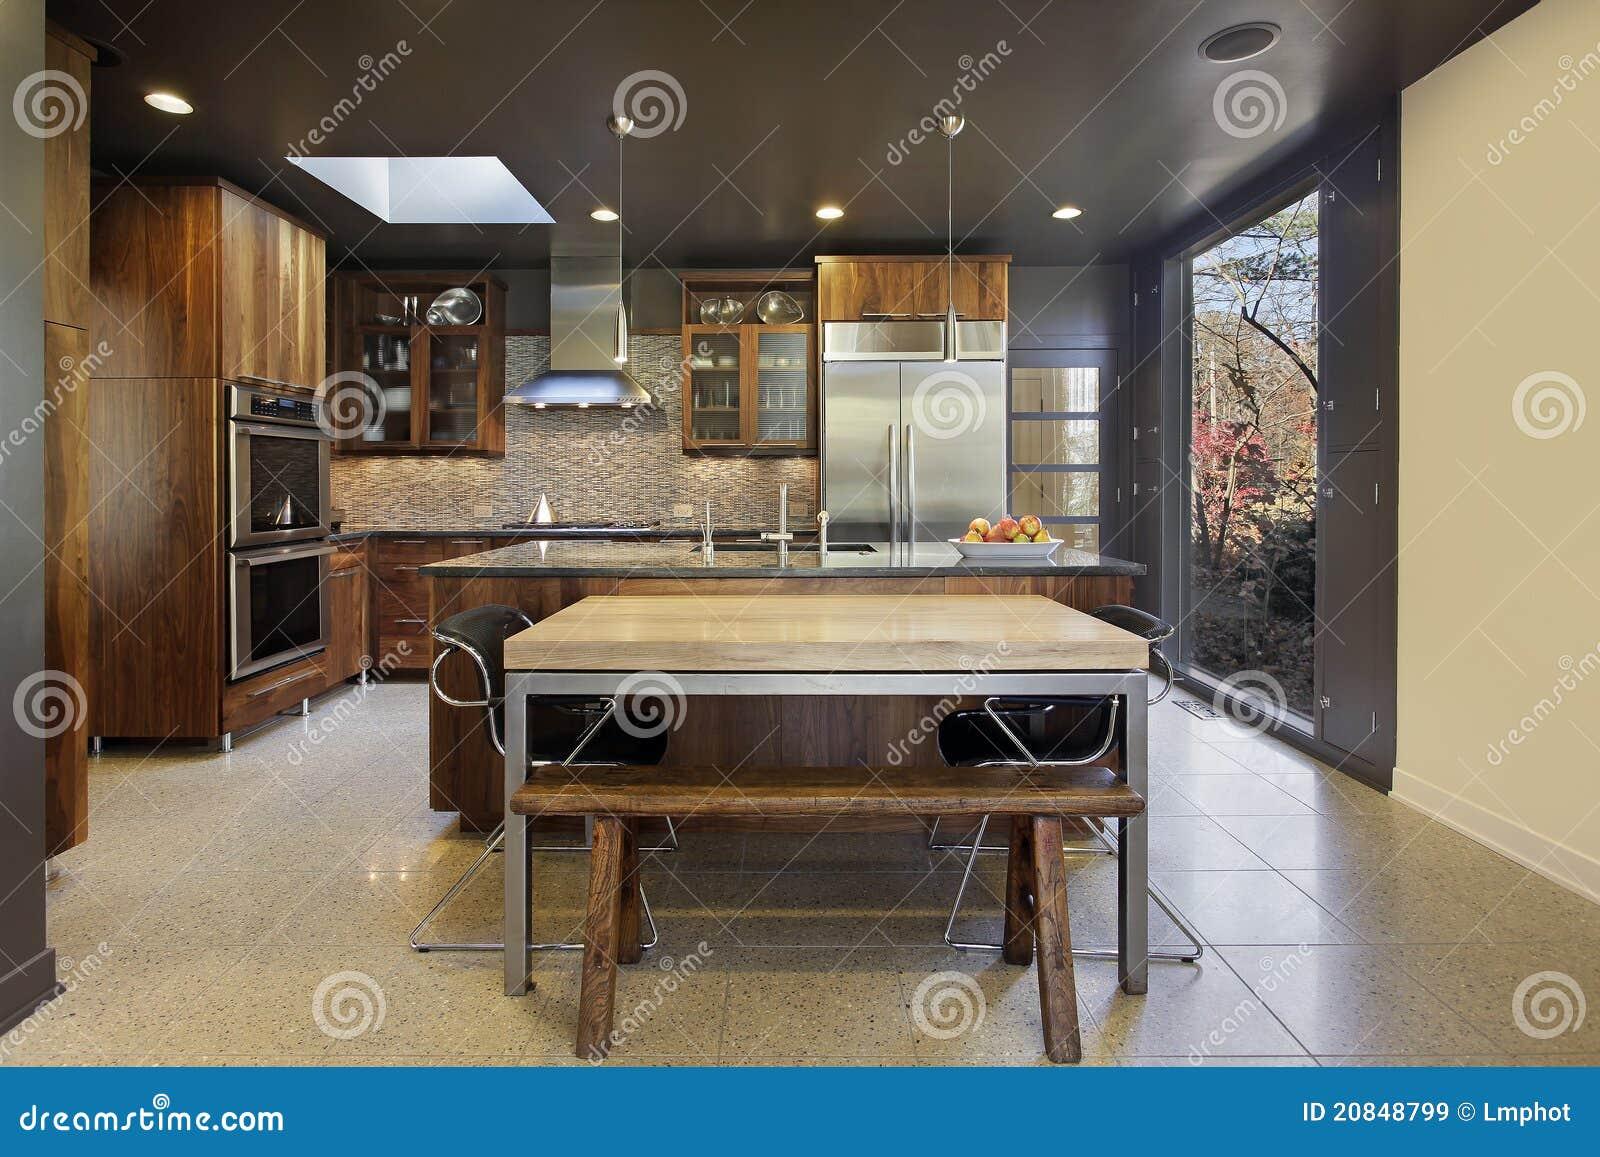 Cucina Moderna Con La Grande Finestra Panoramica Immagine Stock ...